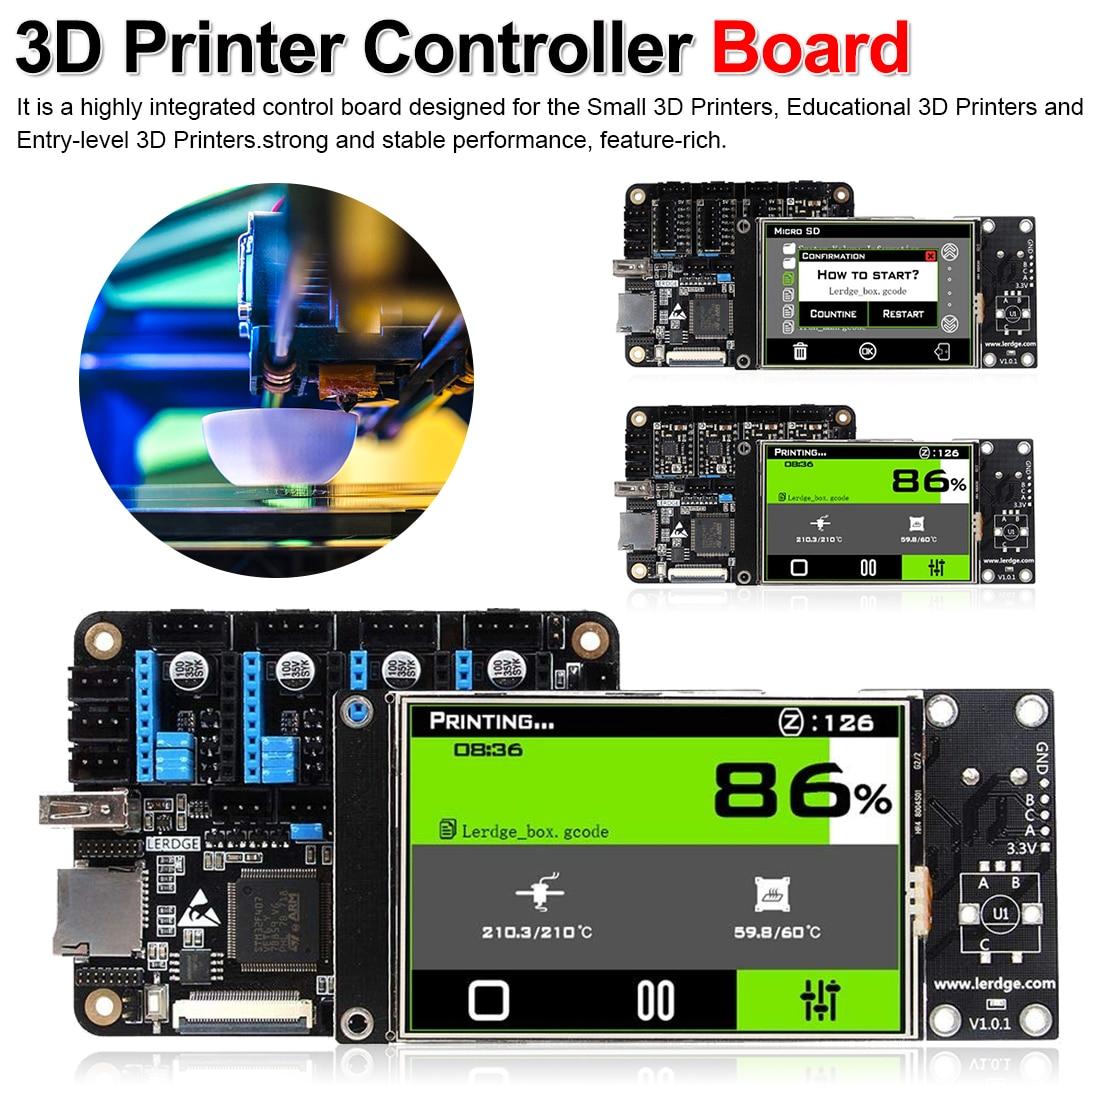 Carte mère d'imprimante LERDGE-X carte contrôleur d'imprimante 3D avec bras contrôle de carte mère 32 bits avec écran tactile 3.5